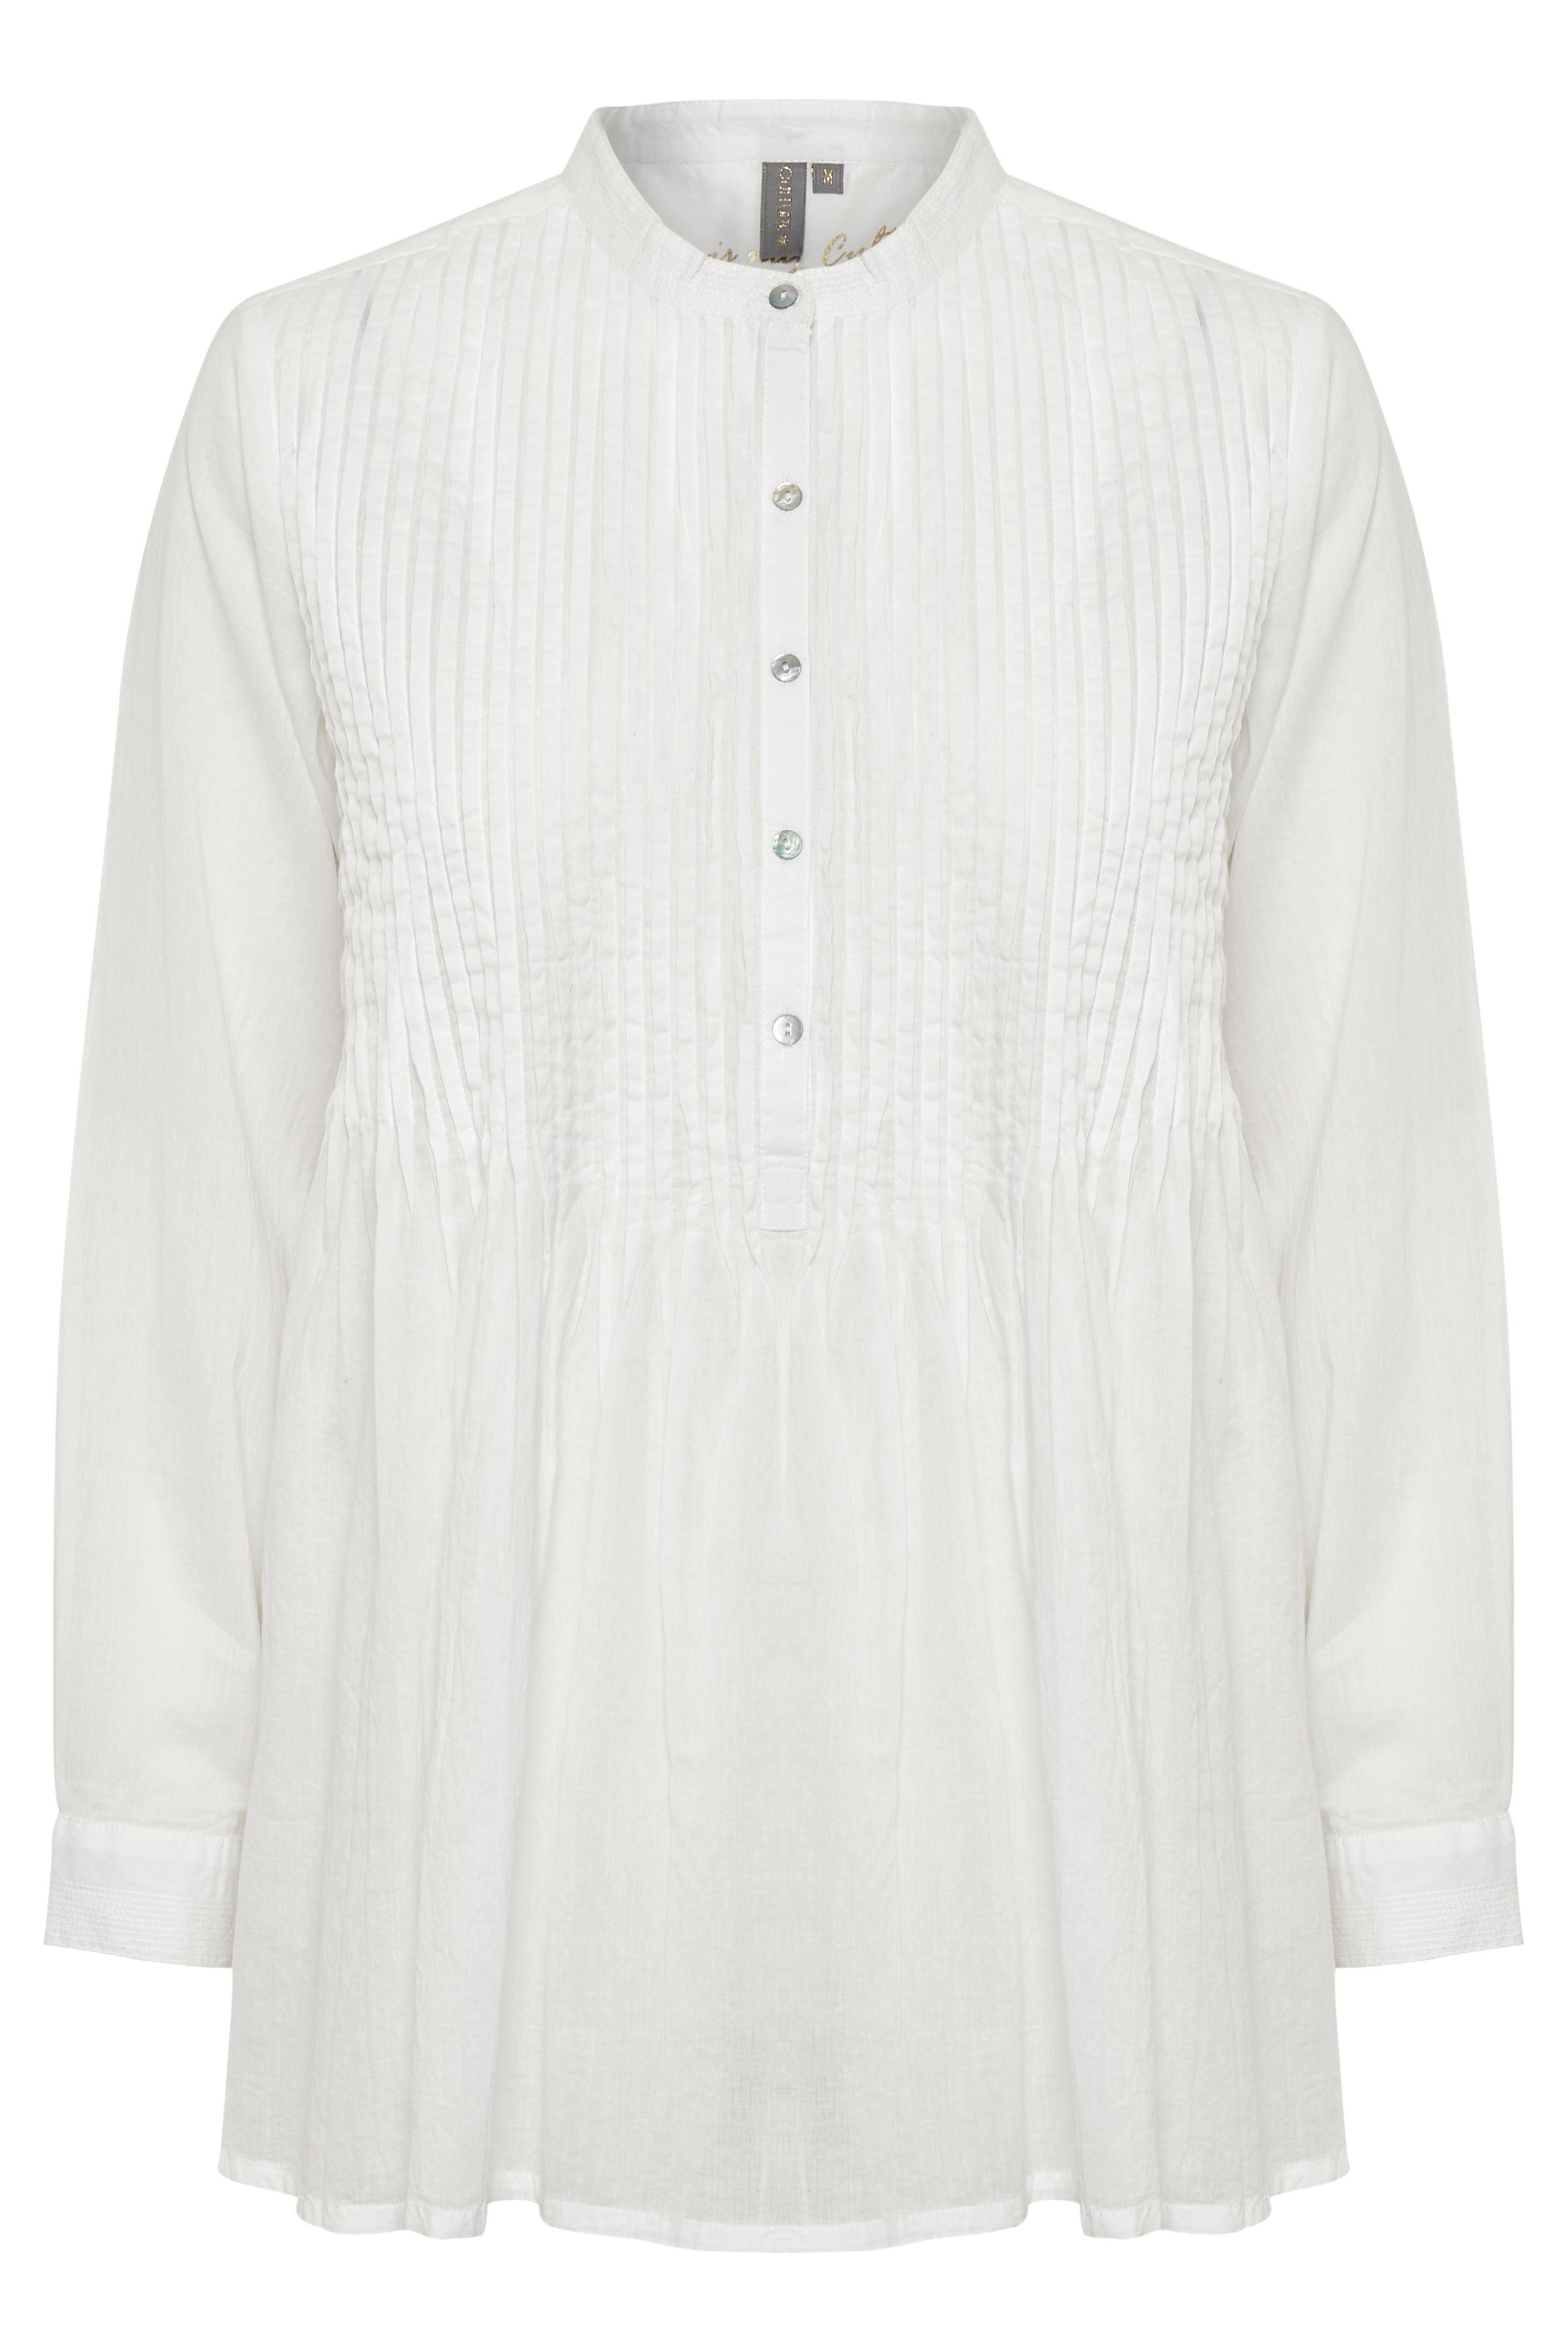 Culture Dame Bluse med rund hals  - Hvid